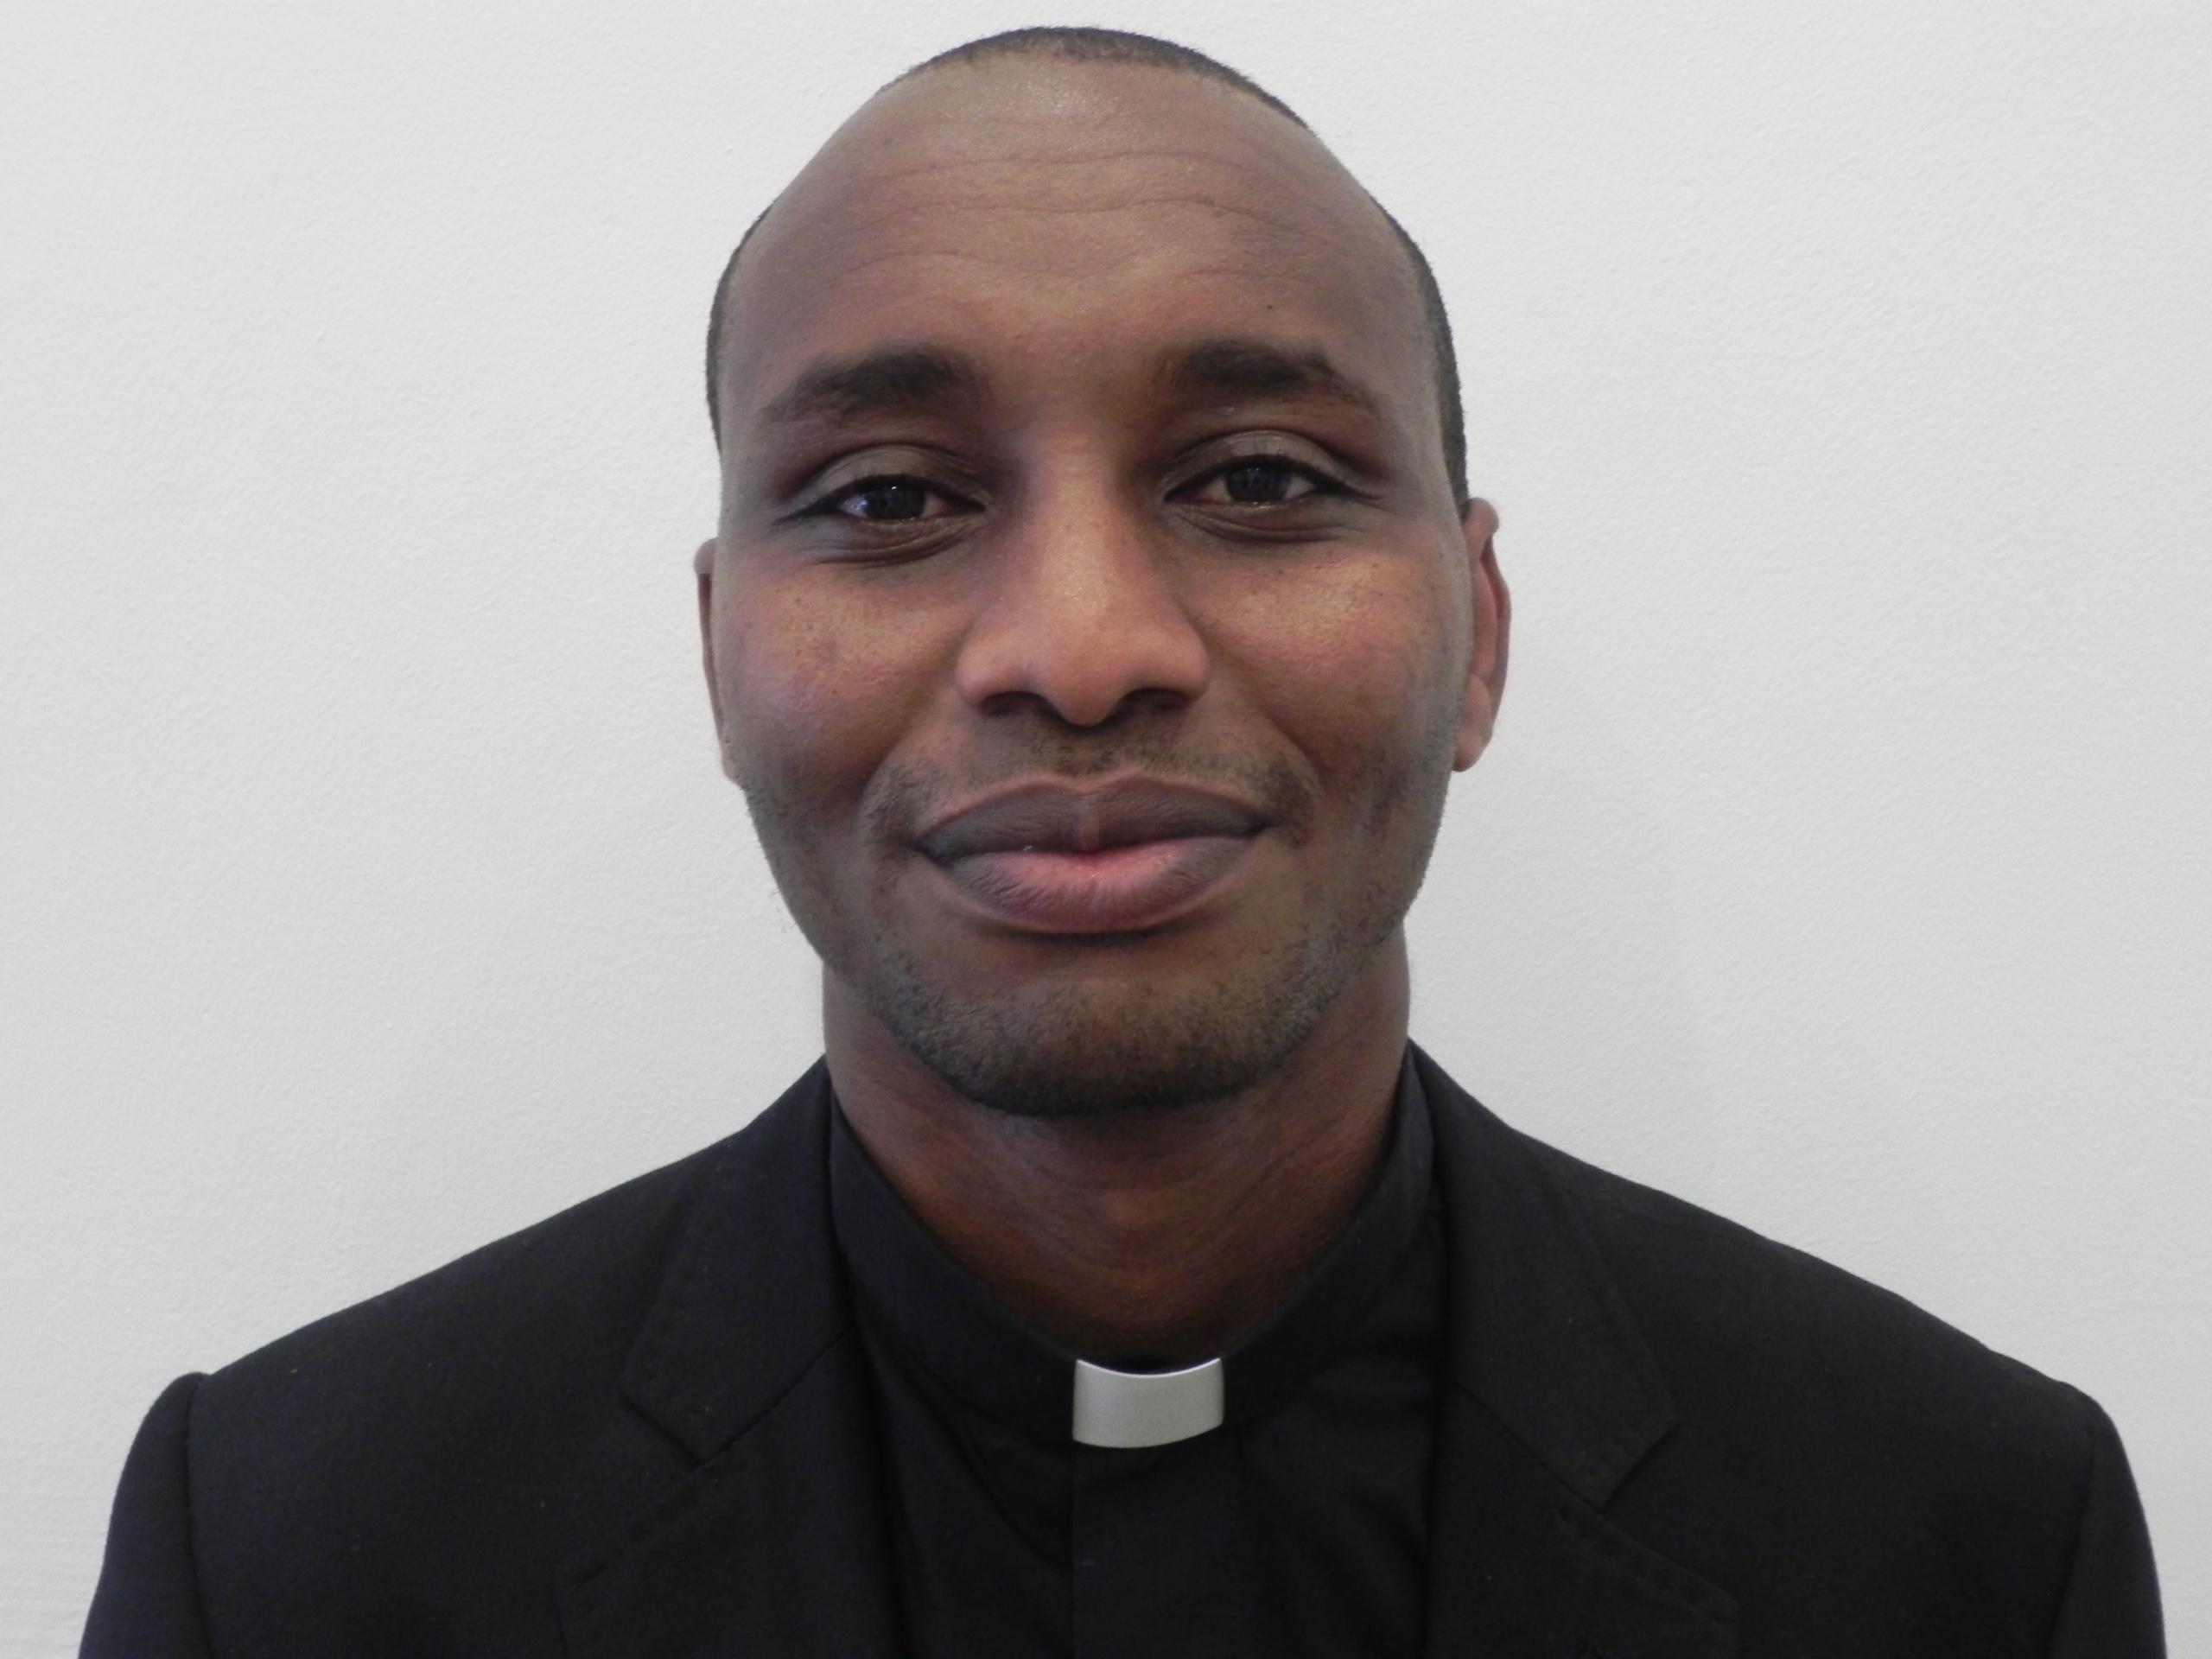 Emmanuel Karengi